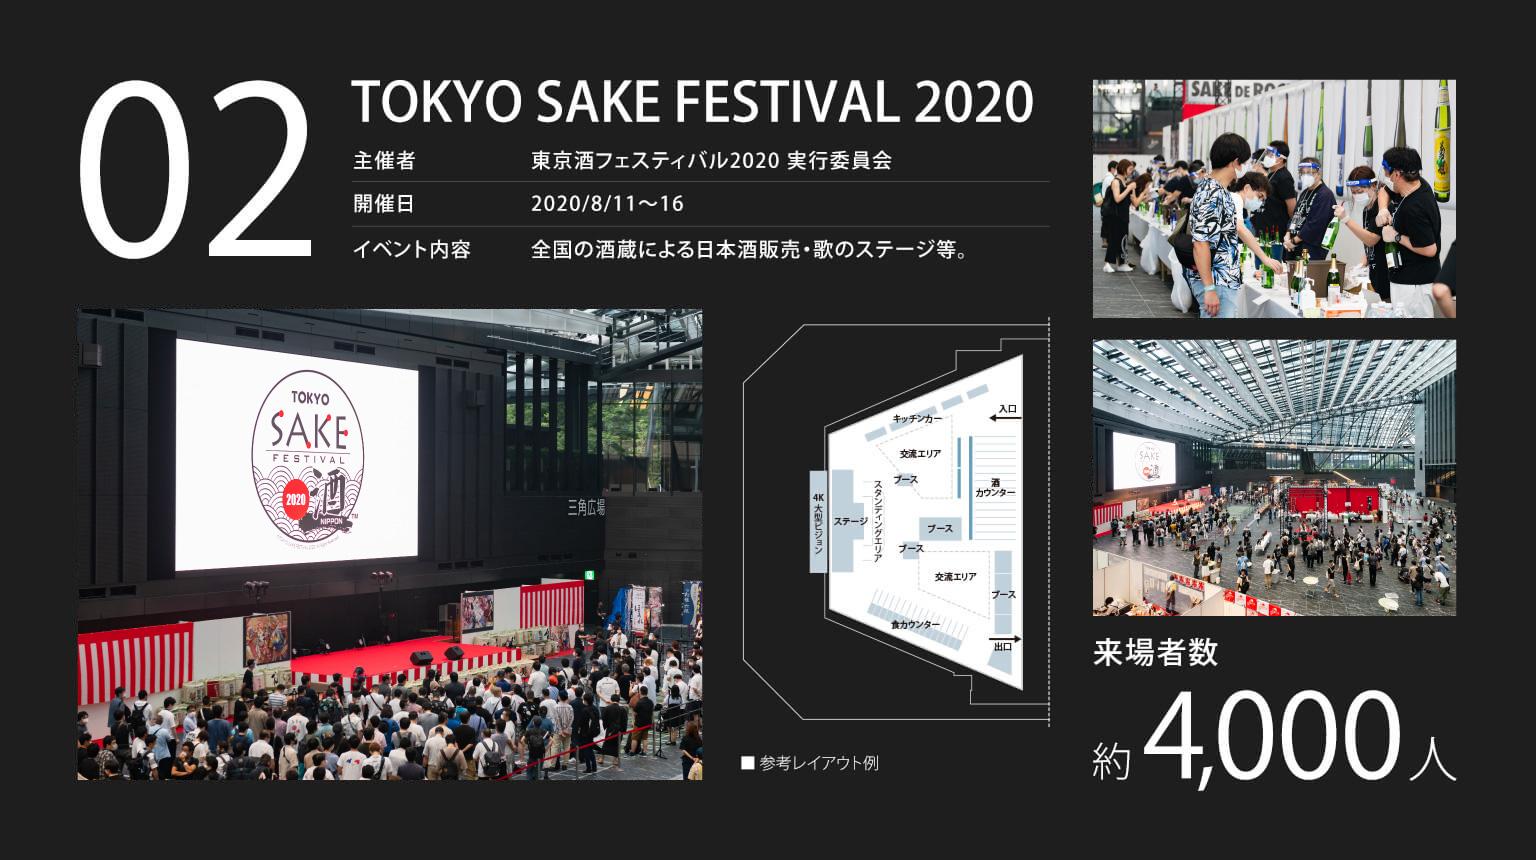 TOKYO SAKE FESTIVAL 2020